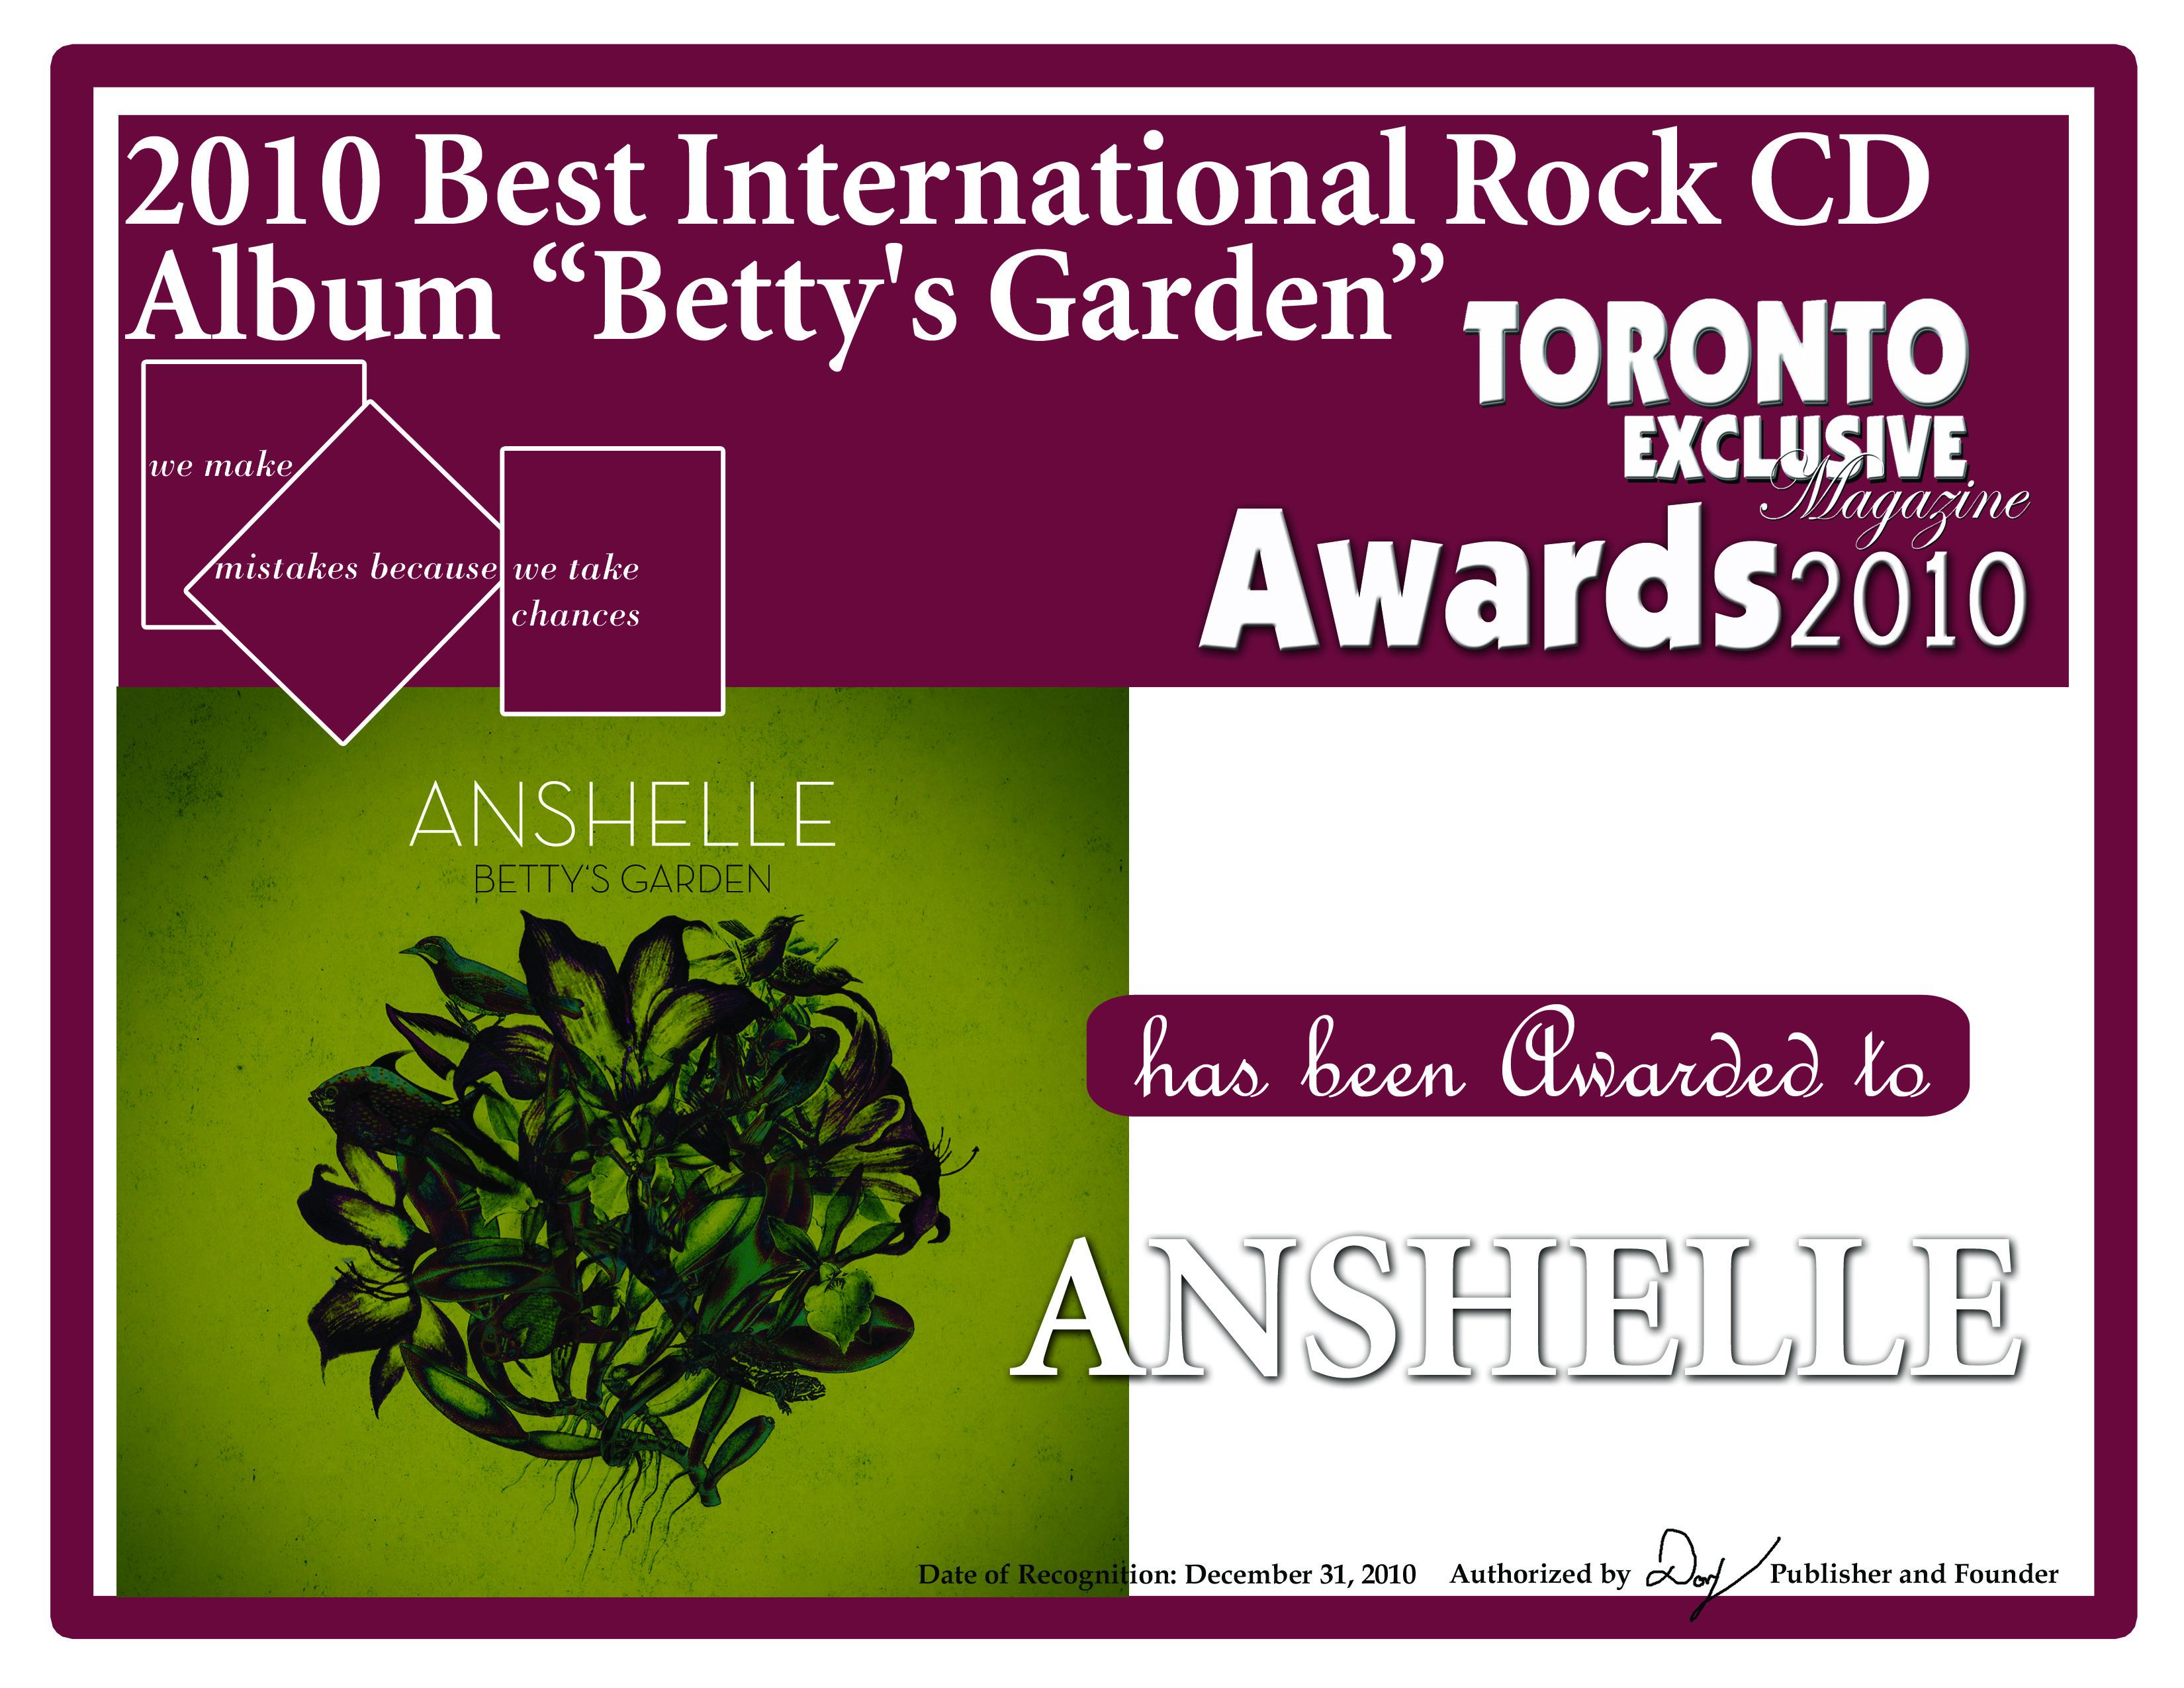 awards2010-certificate-ANSHELLE